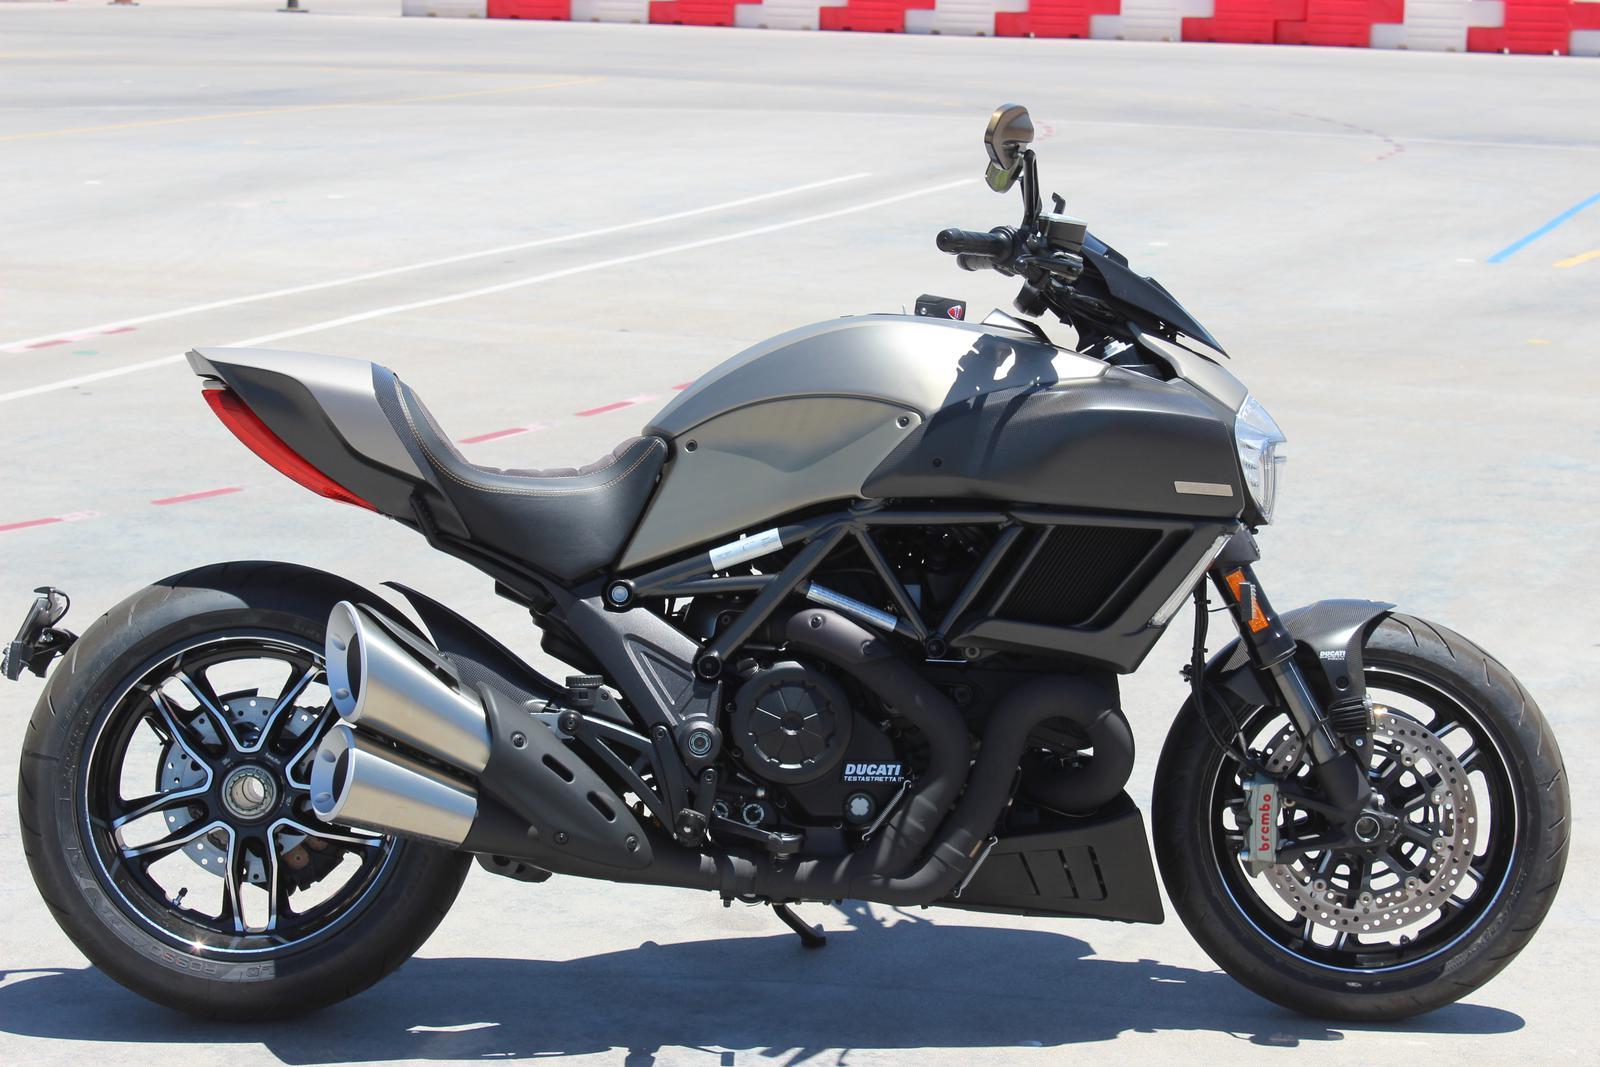 Used Ducati Diavel Titanium Motorcycles in Eden Prairie MN